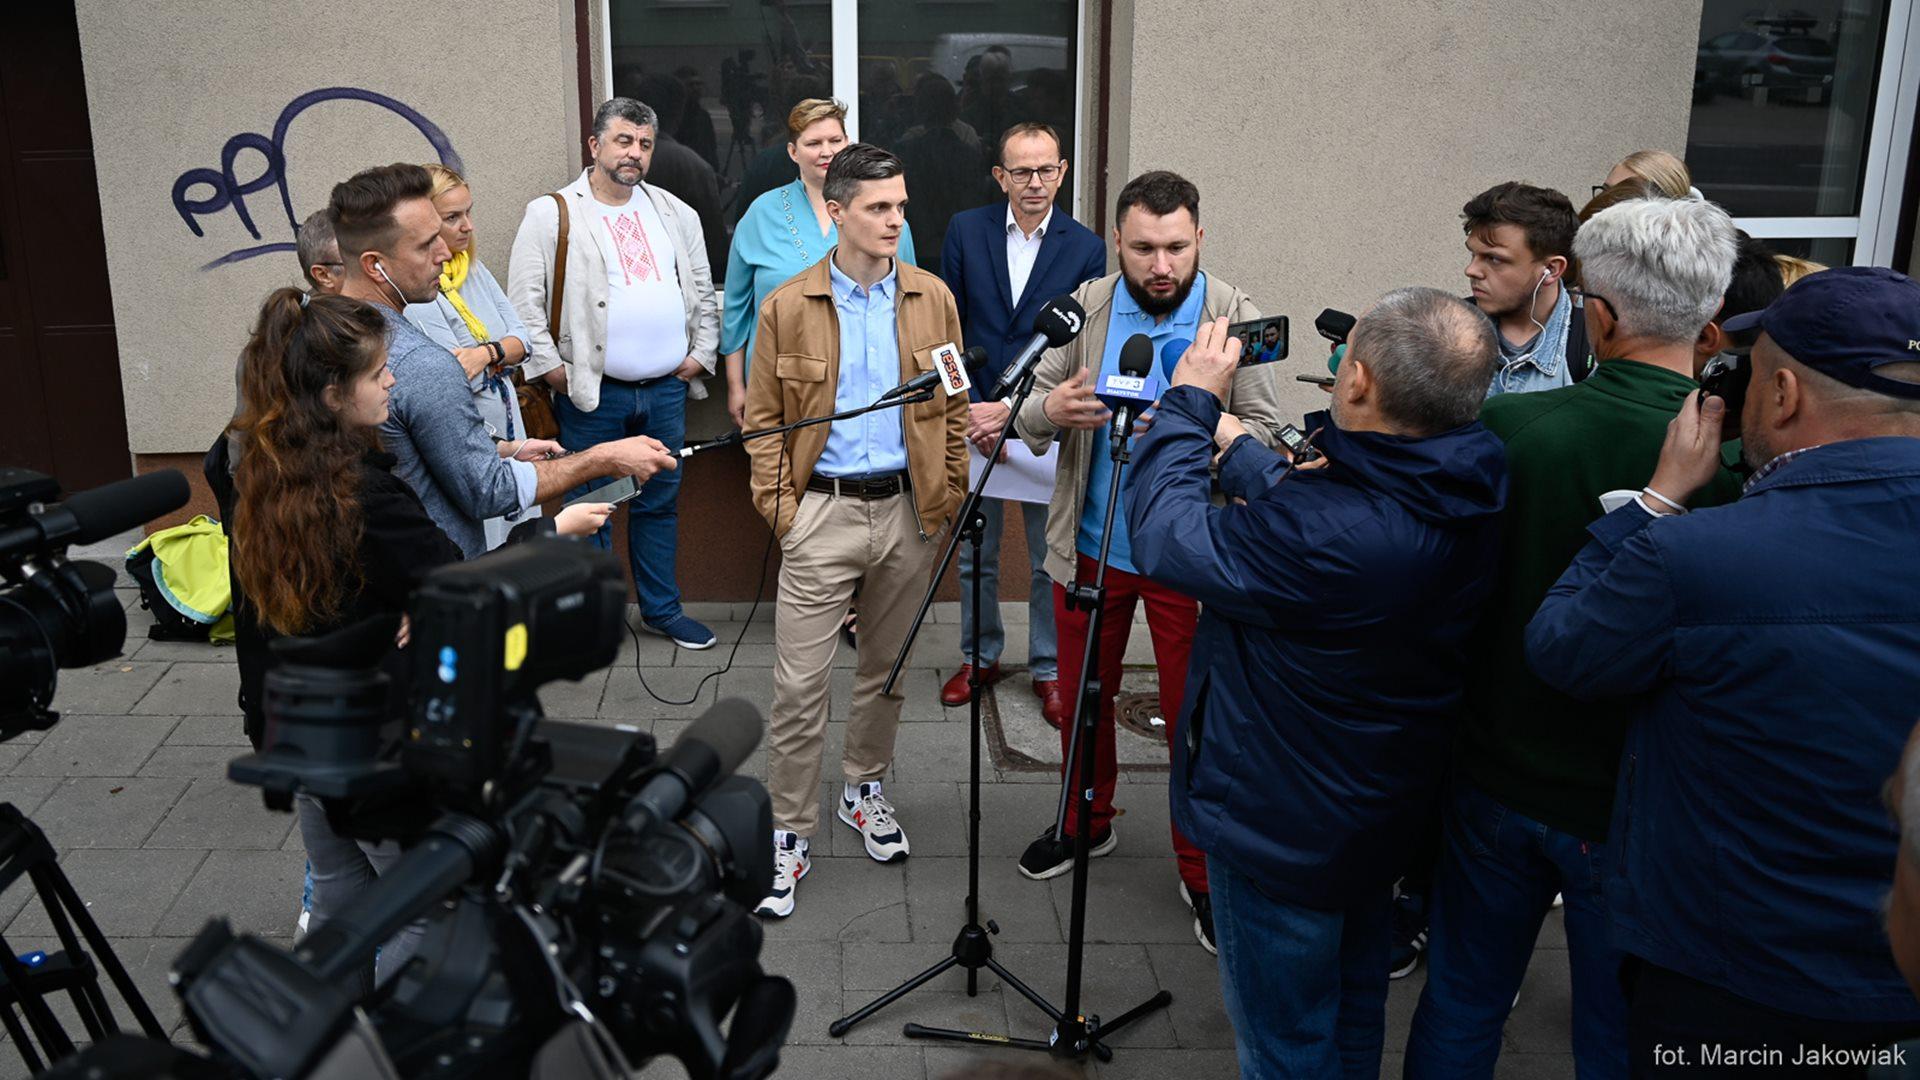 Źródło: bialystok.pl, fot. Marcin Jakowiak